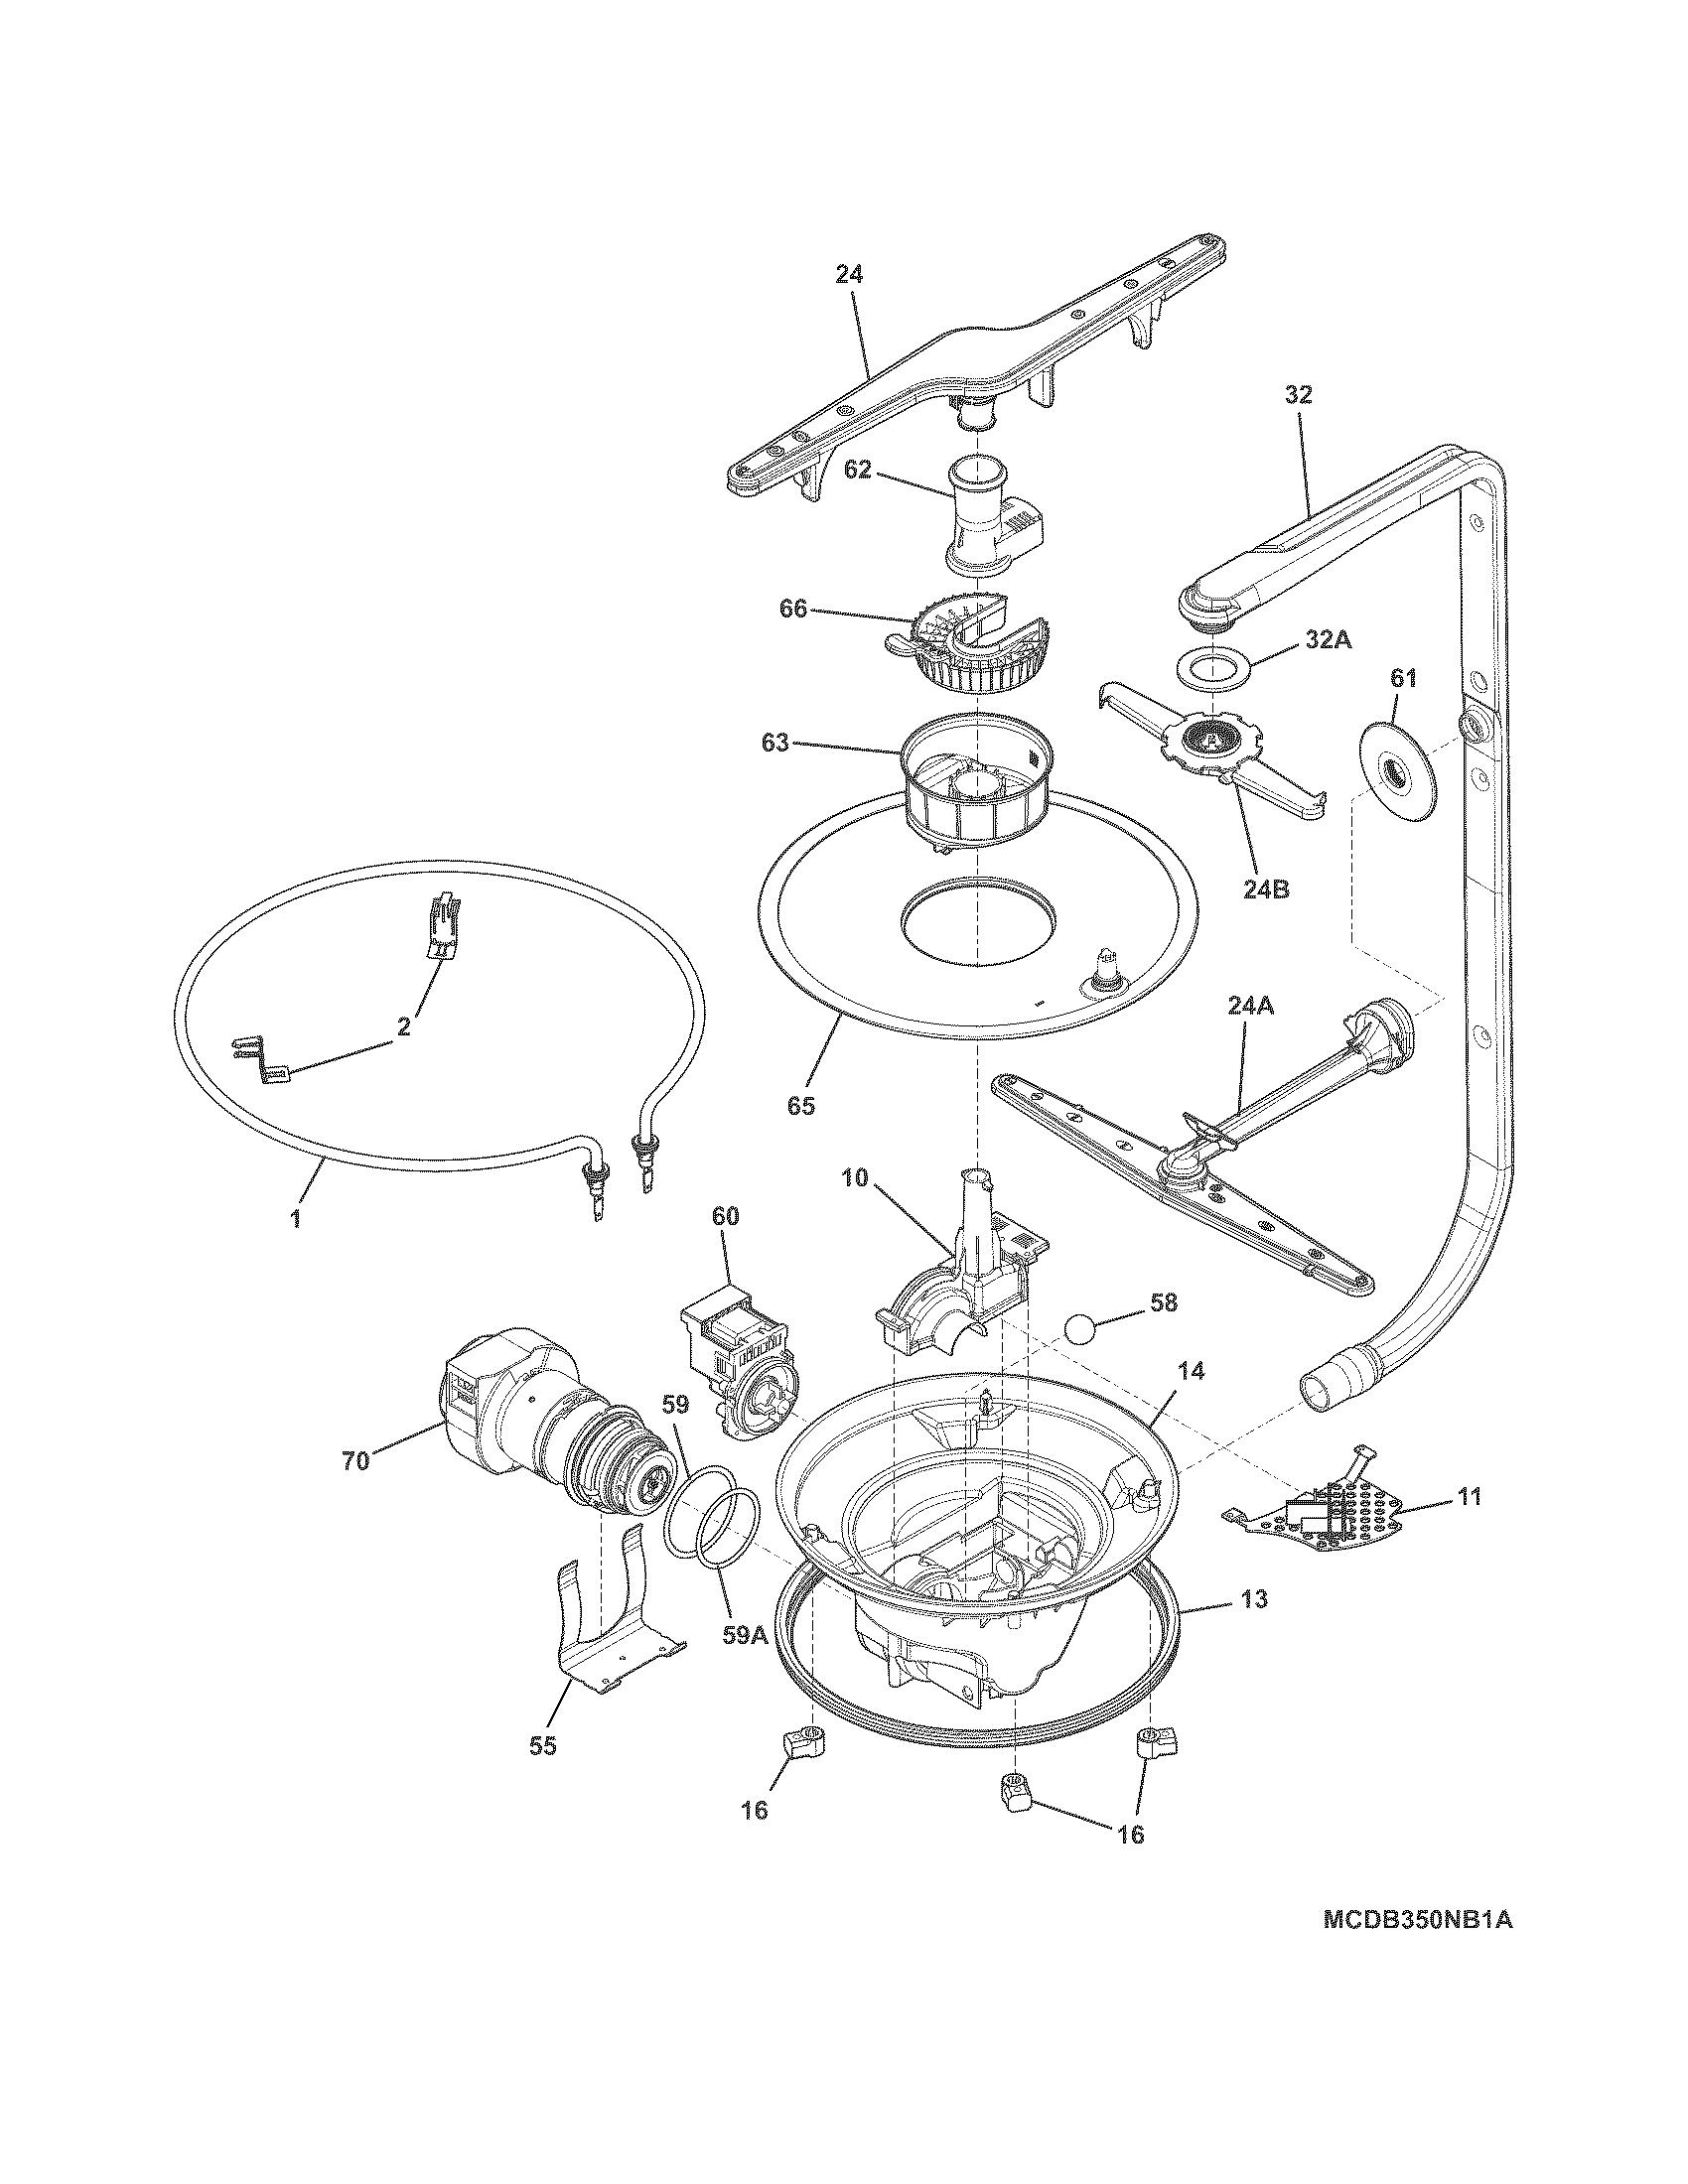 Frigidaire model FFBD2406NW2A dishwasher genuine parts